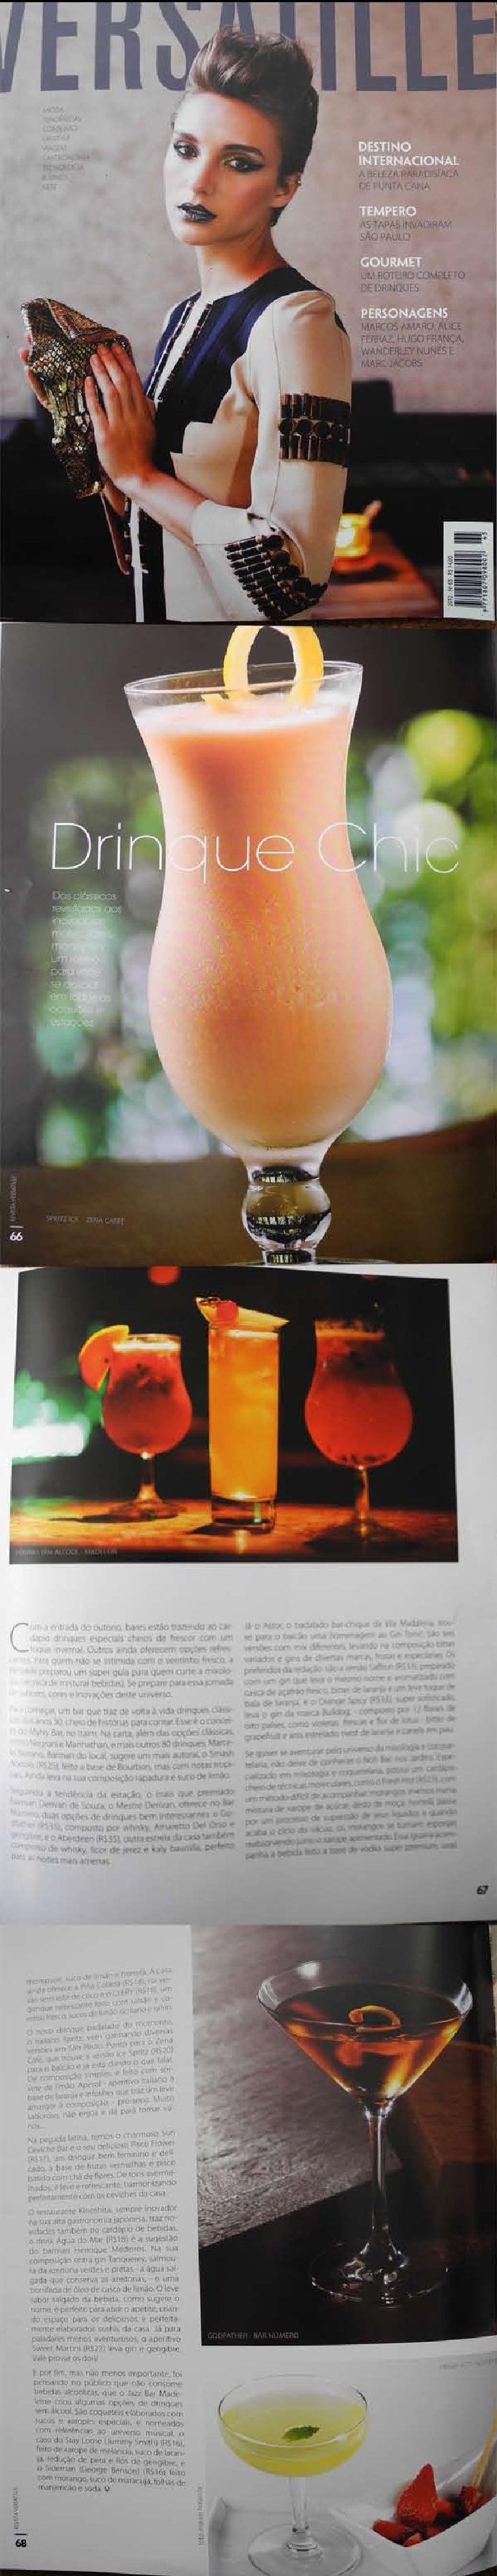 Drink Chic Revista Versatille Abril n. 65